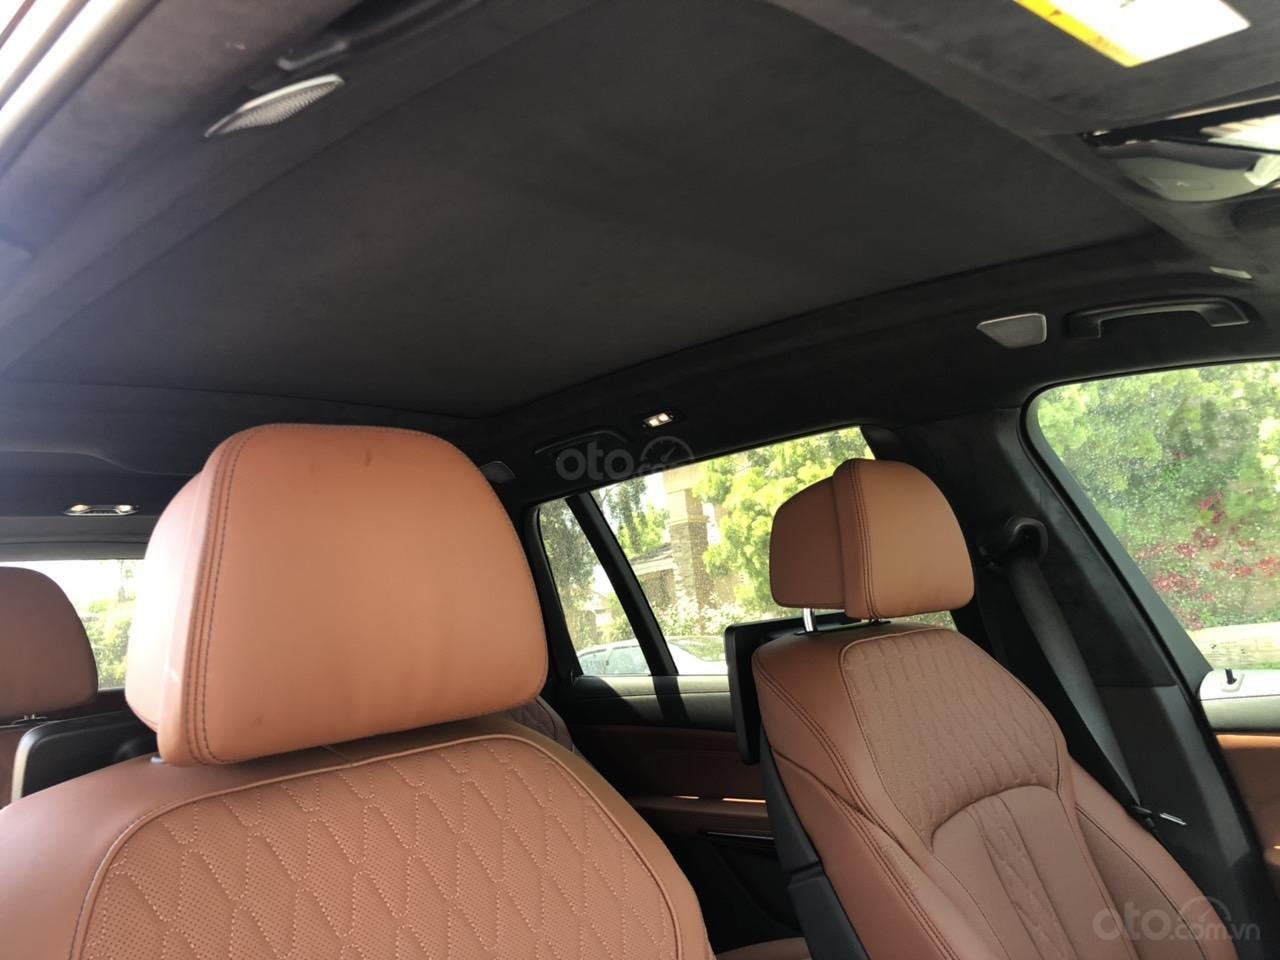 Bán BMW X7 Msport phiên bản thể thao cao cấp nhất, xe giao ngay. 0904754444 (11)